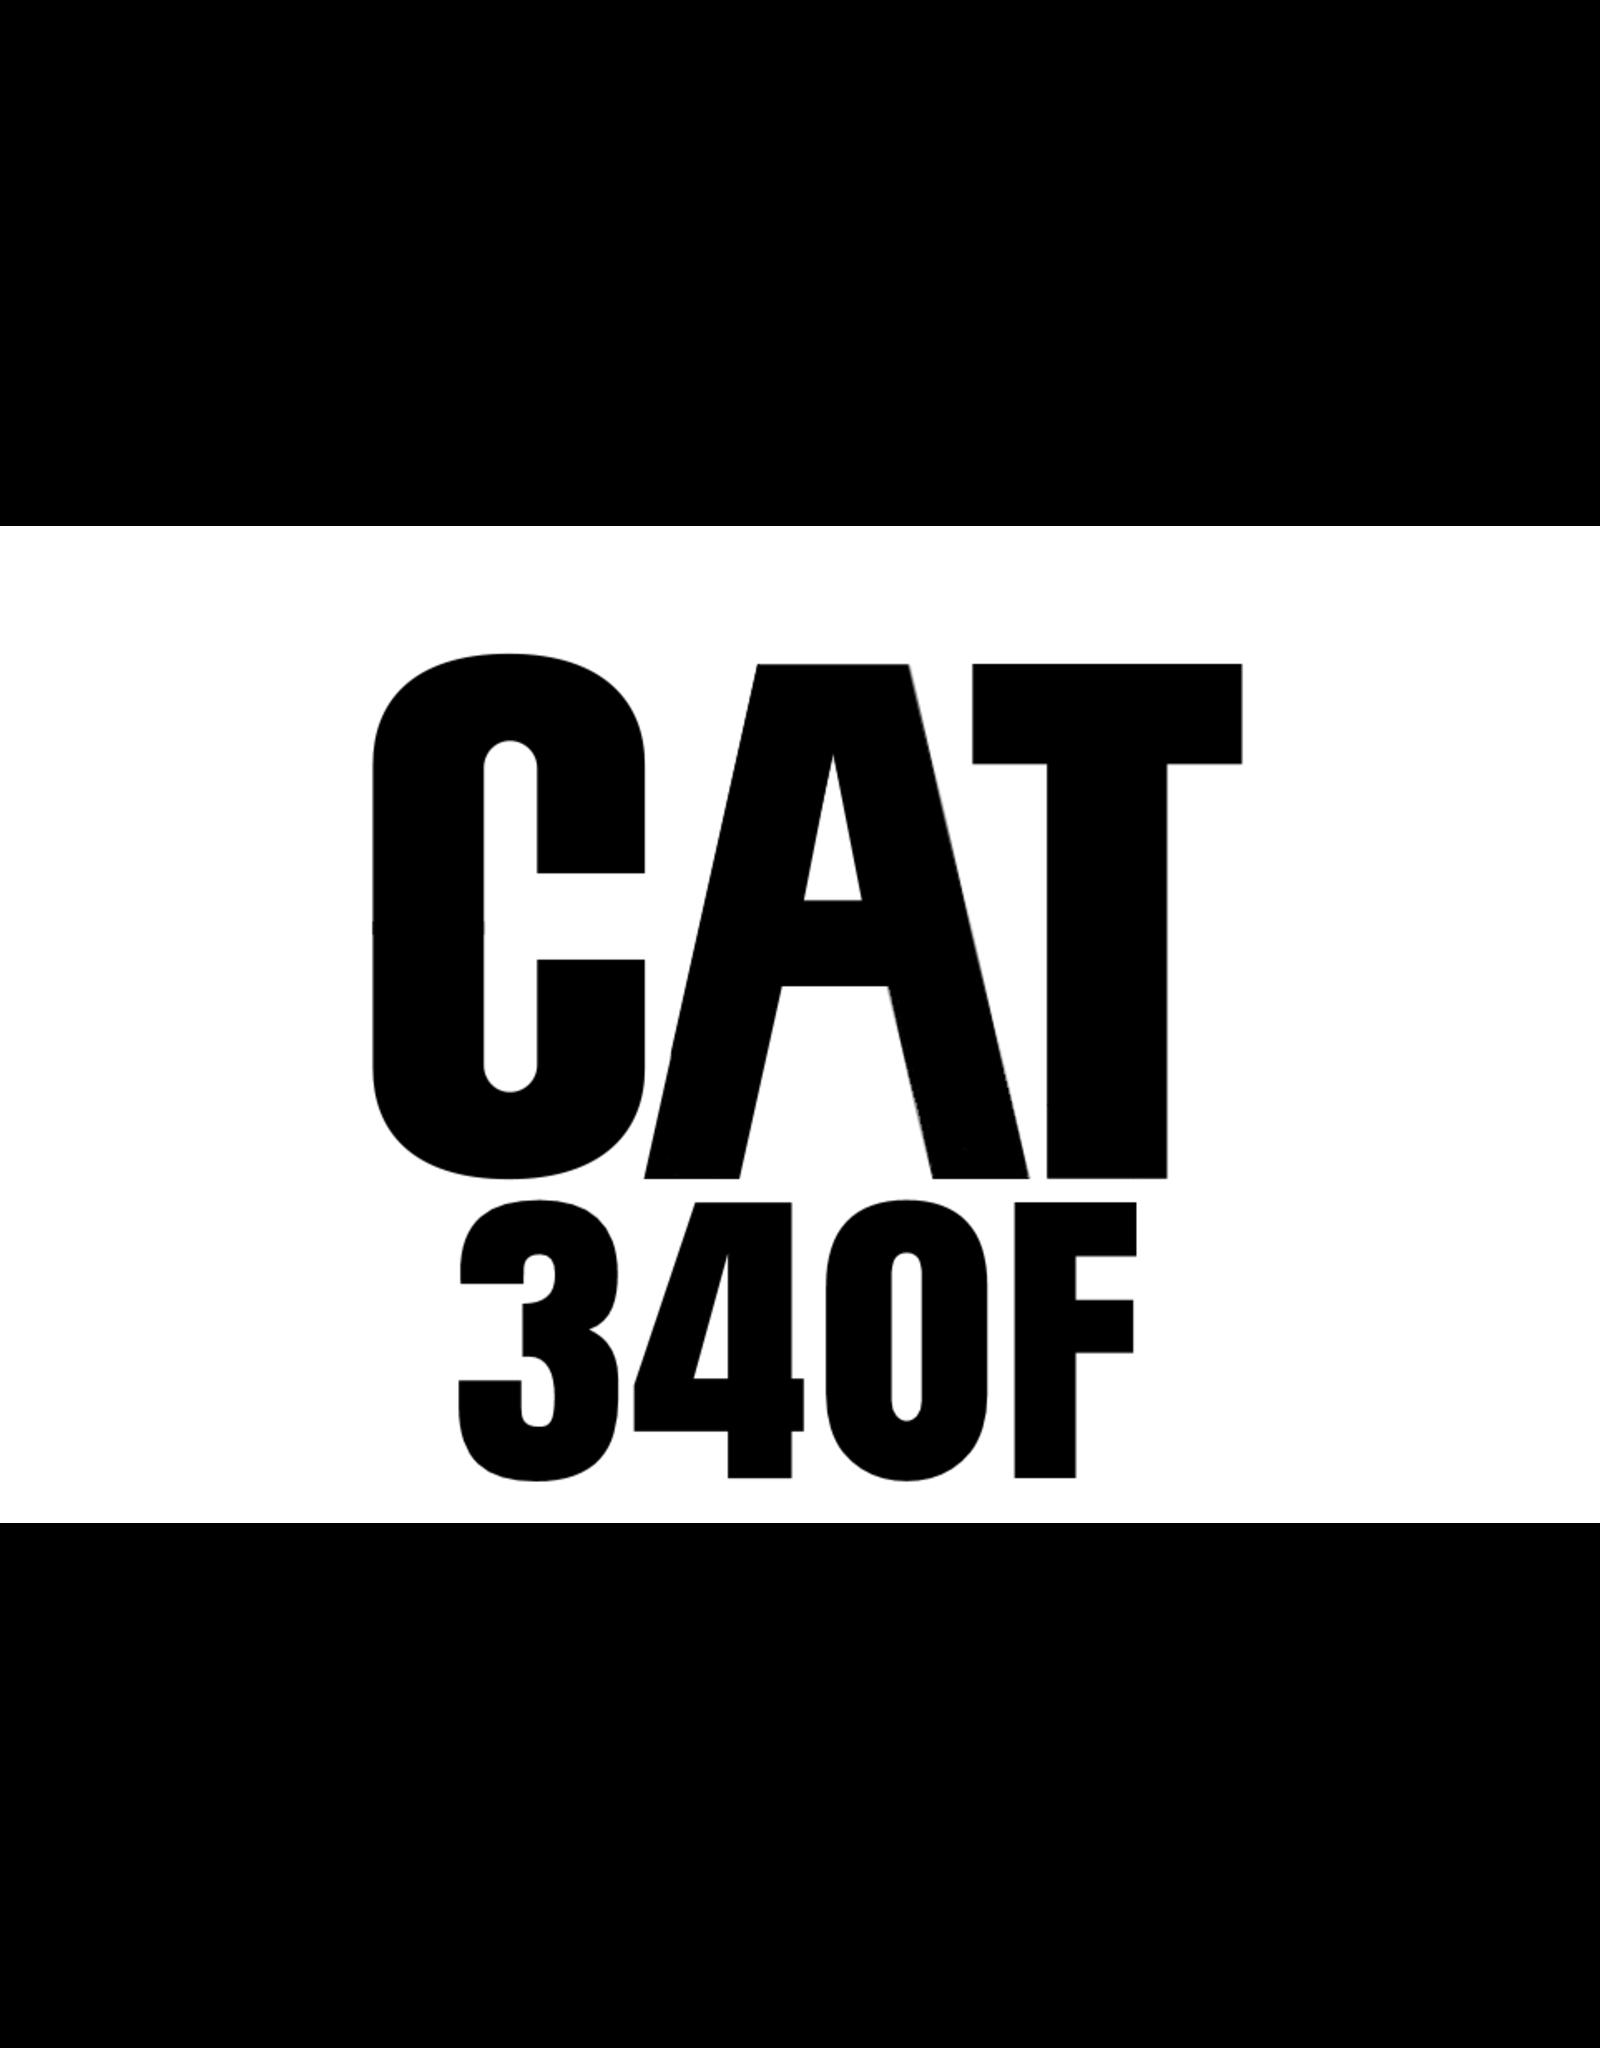 Echle Hartstahl GmbH FOPS pour CAT 340F